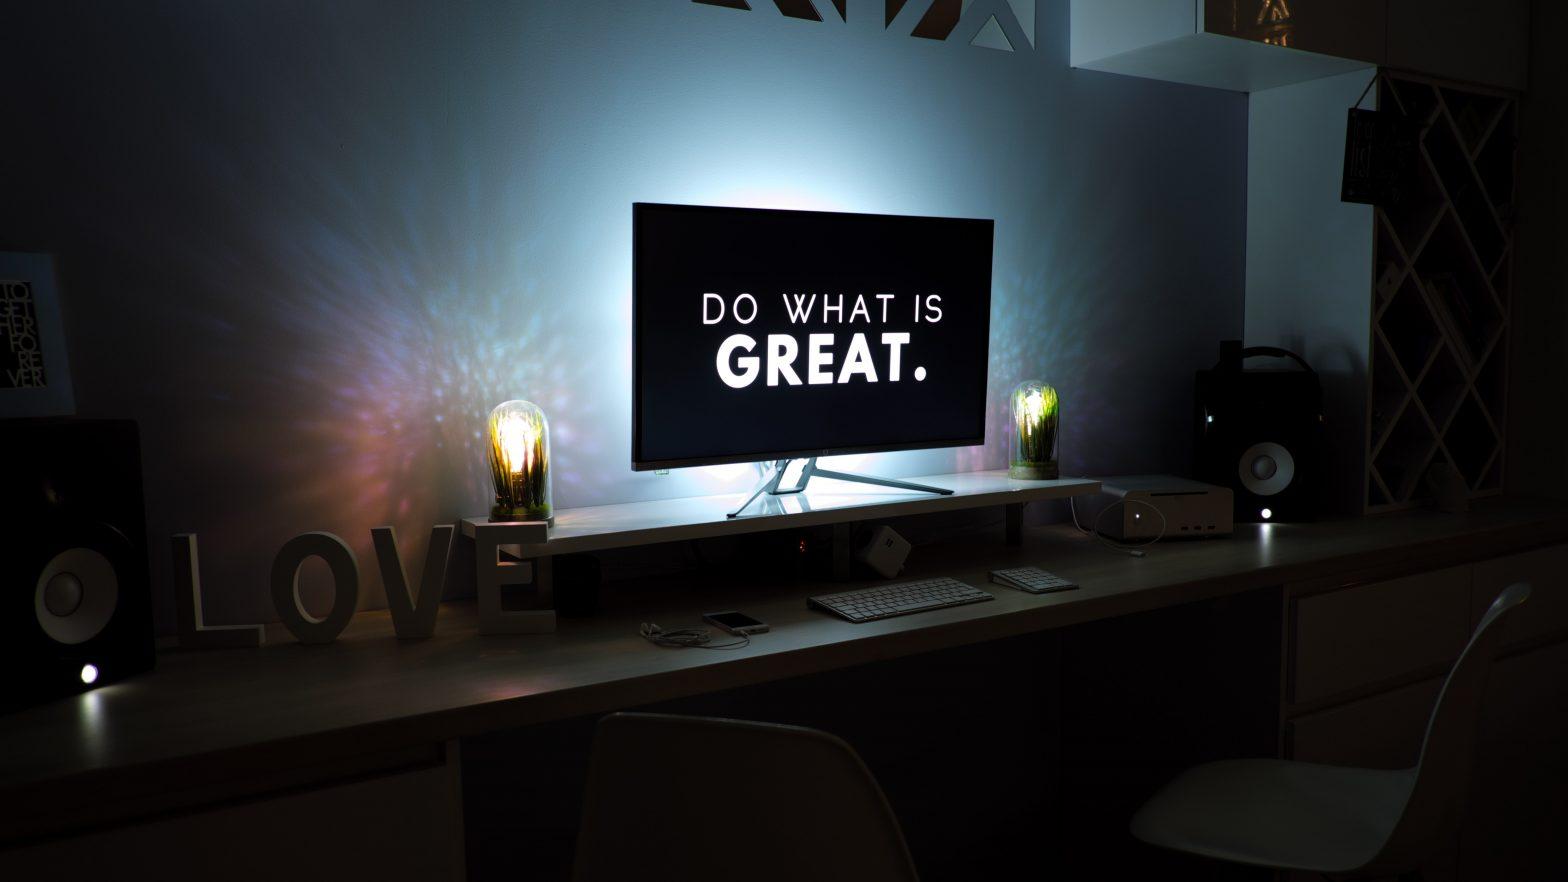 Ettevõtte avamine: sinu elu suurim looming